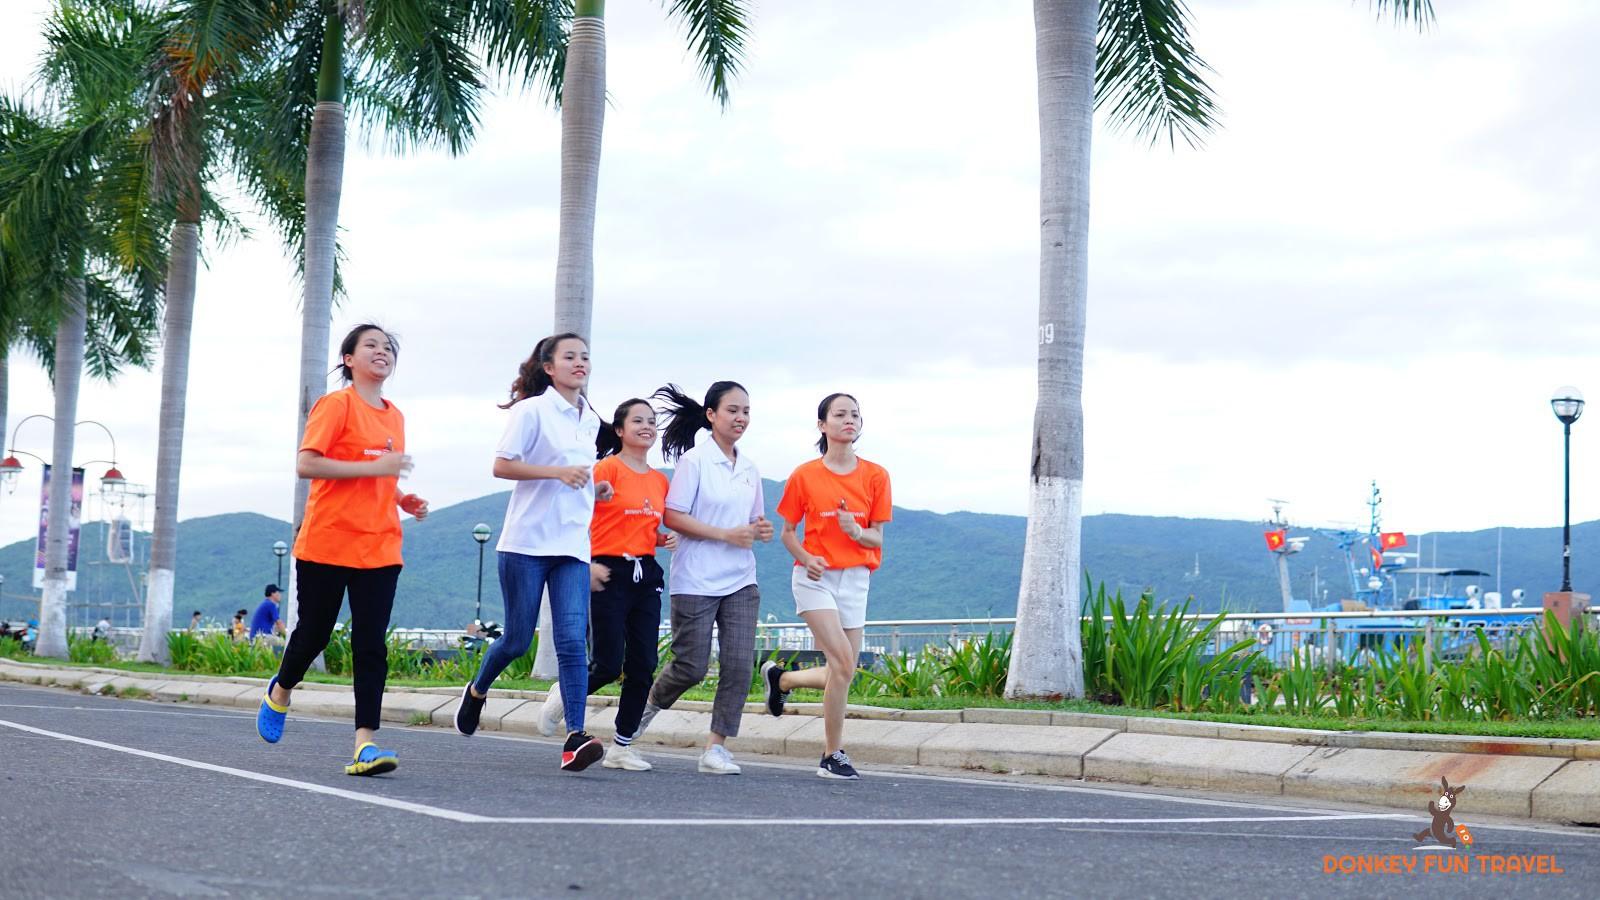 Công ty nhà người ta: Sẵn sàng thưởng nóng hàng tháng khuyến khích nhân viên hoạt động thể dục thể thao - Ảnh 1.